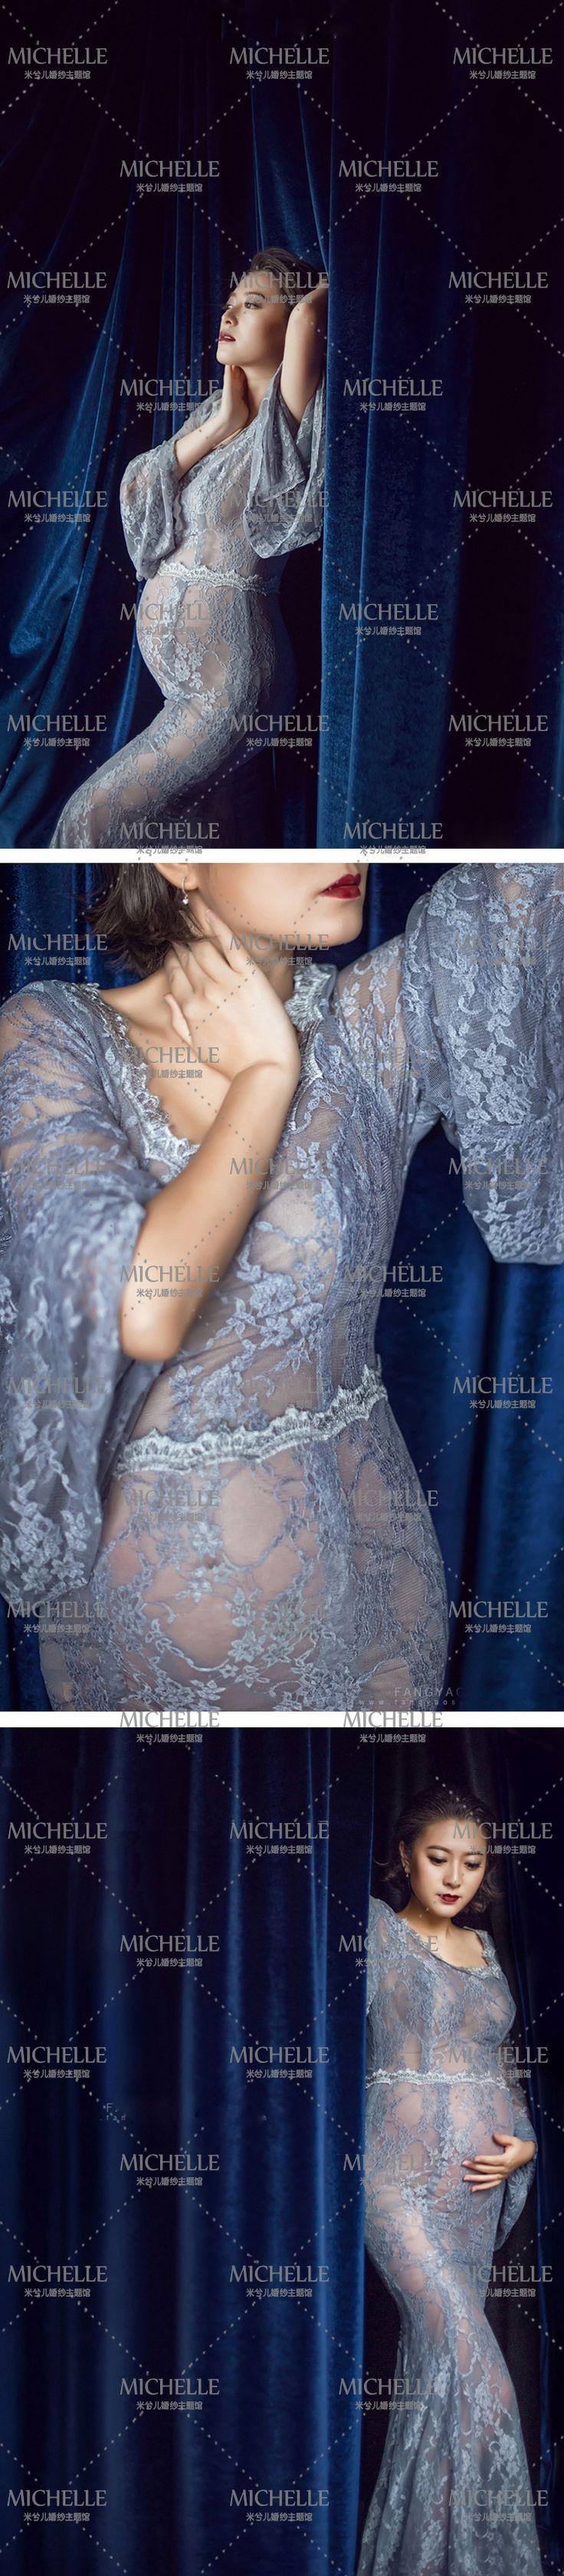 Новый 2015 беременных женщин фото одежда будущих мам фотографии платье беременность материнство фотография кружева длинное платье один размер купить на AliExpress